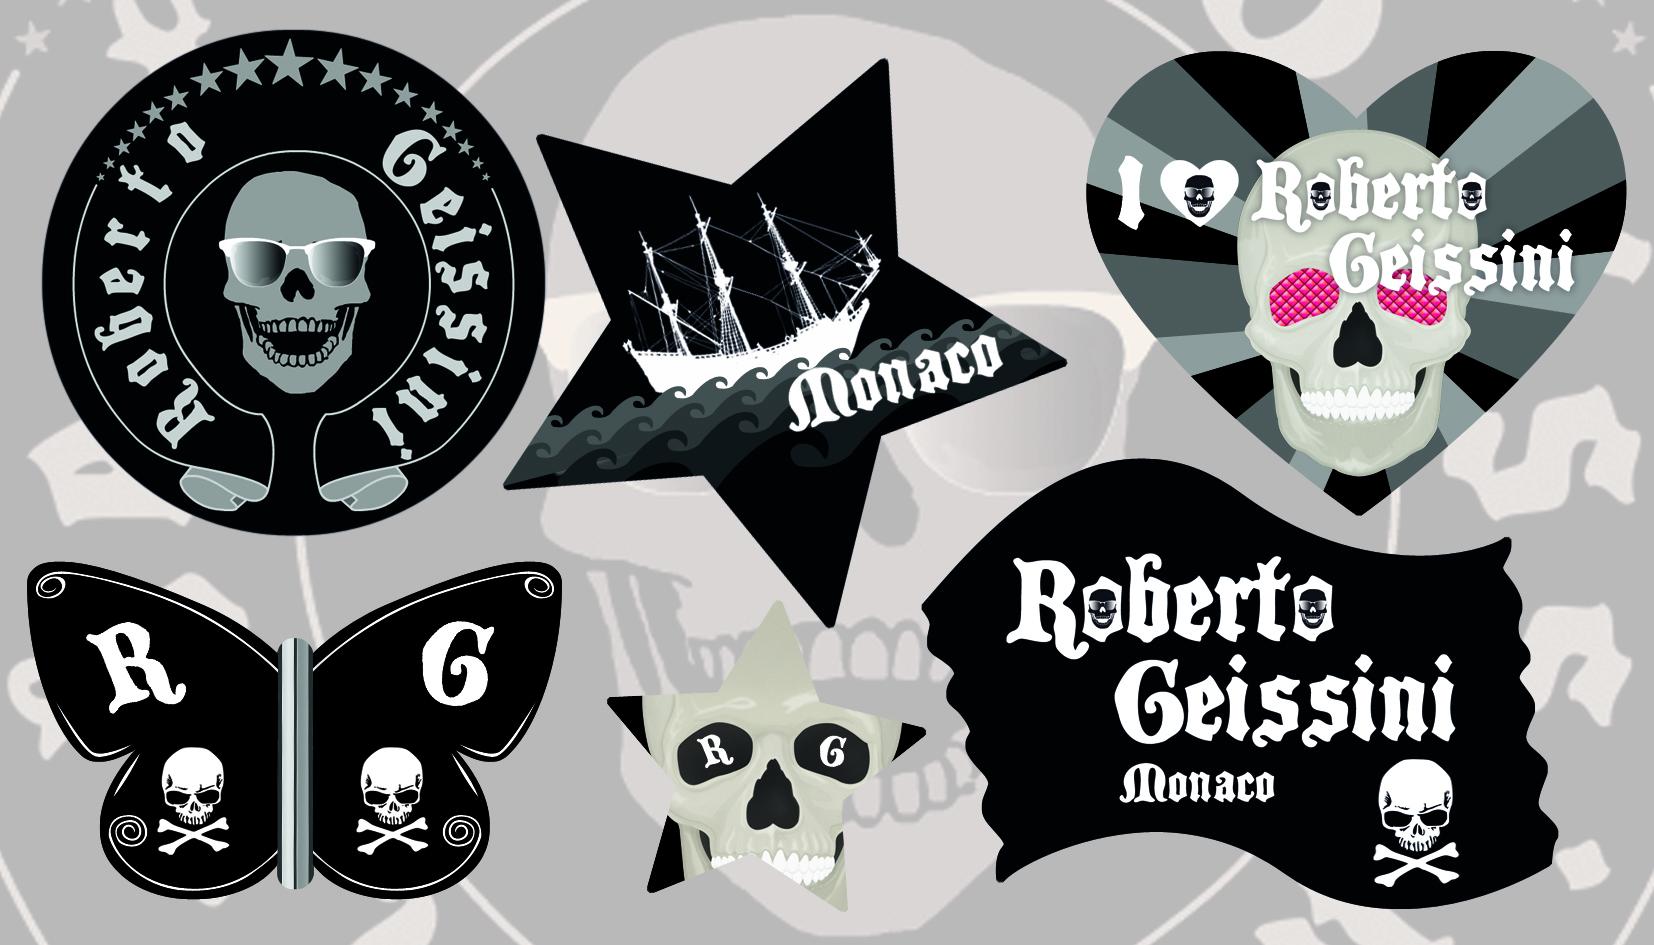 Grafikdesign für Aufkleber Bogen Modemarke